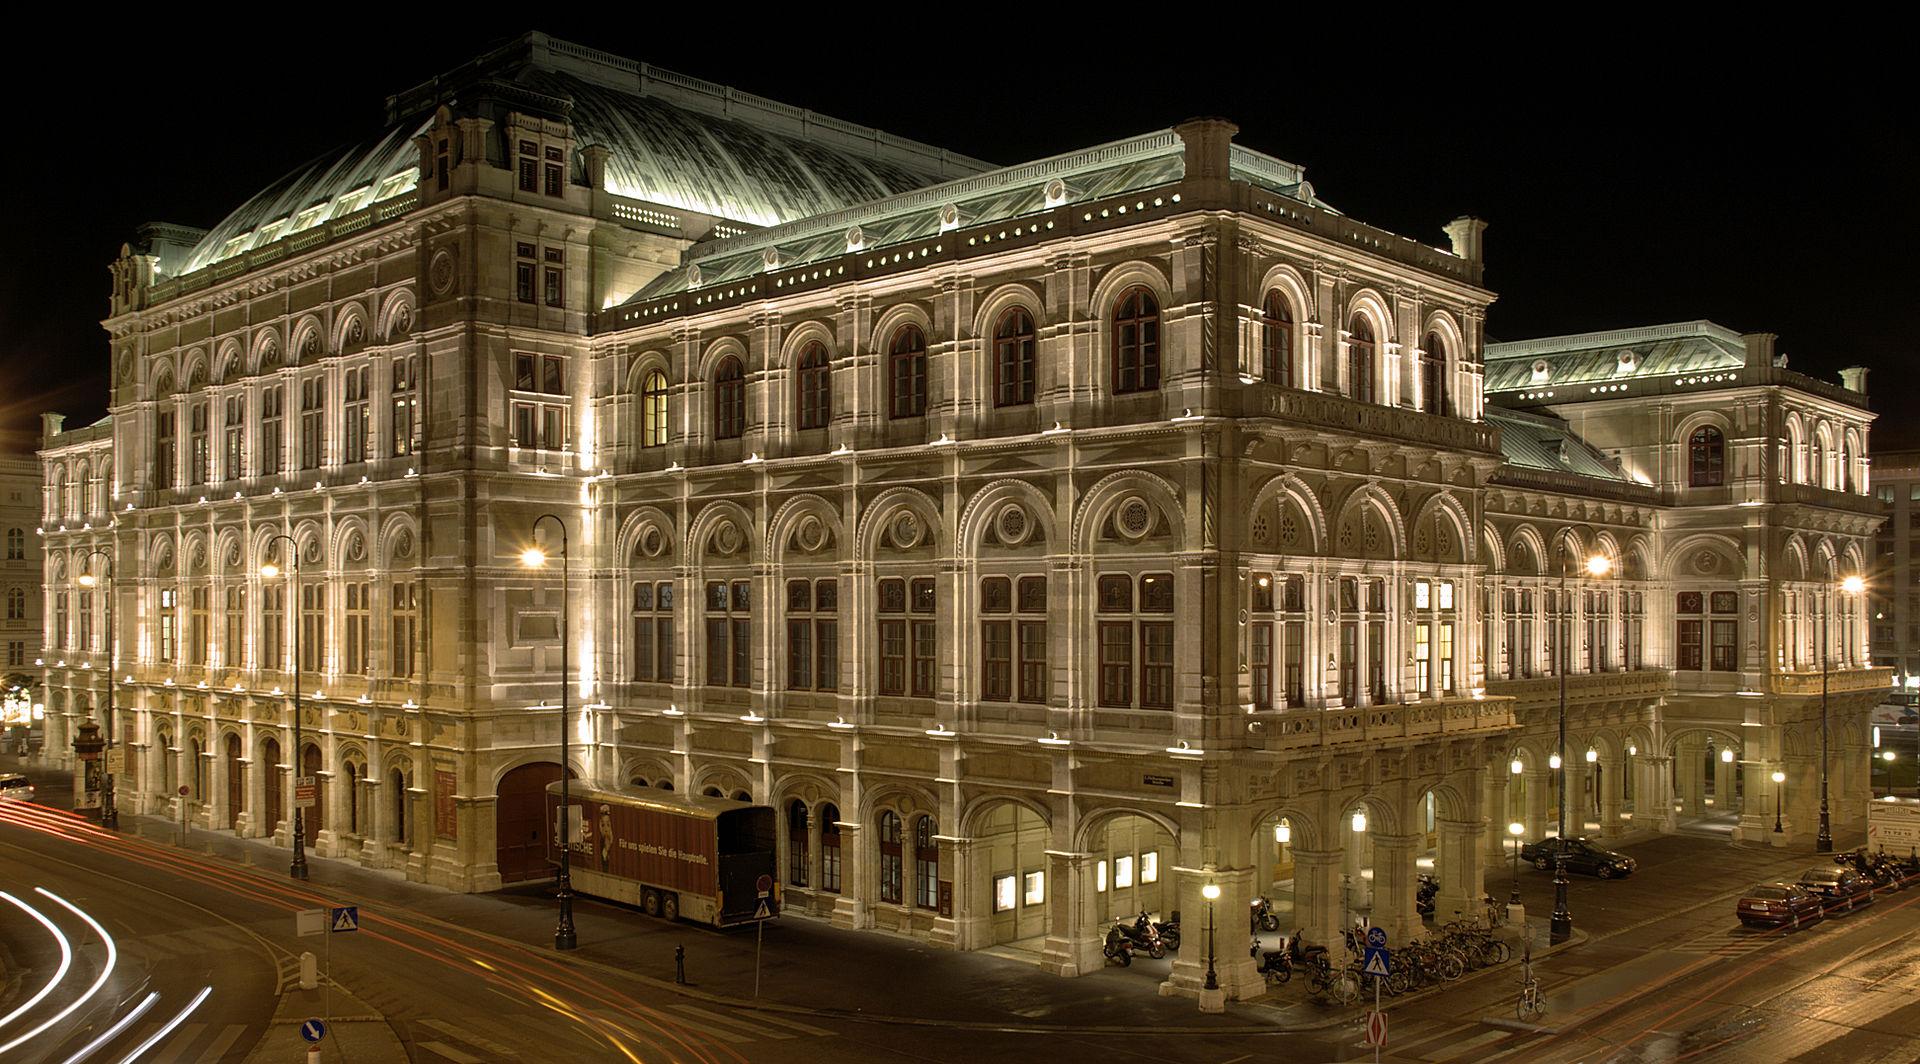 Ausztria - Advent Bécsben, Operaház, Hofburg Bécs, Szállás nélkül